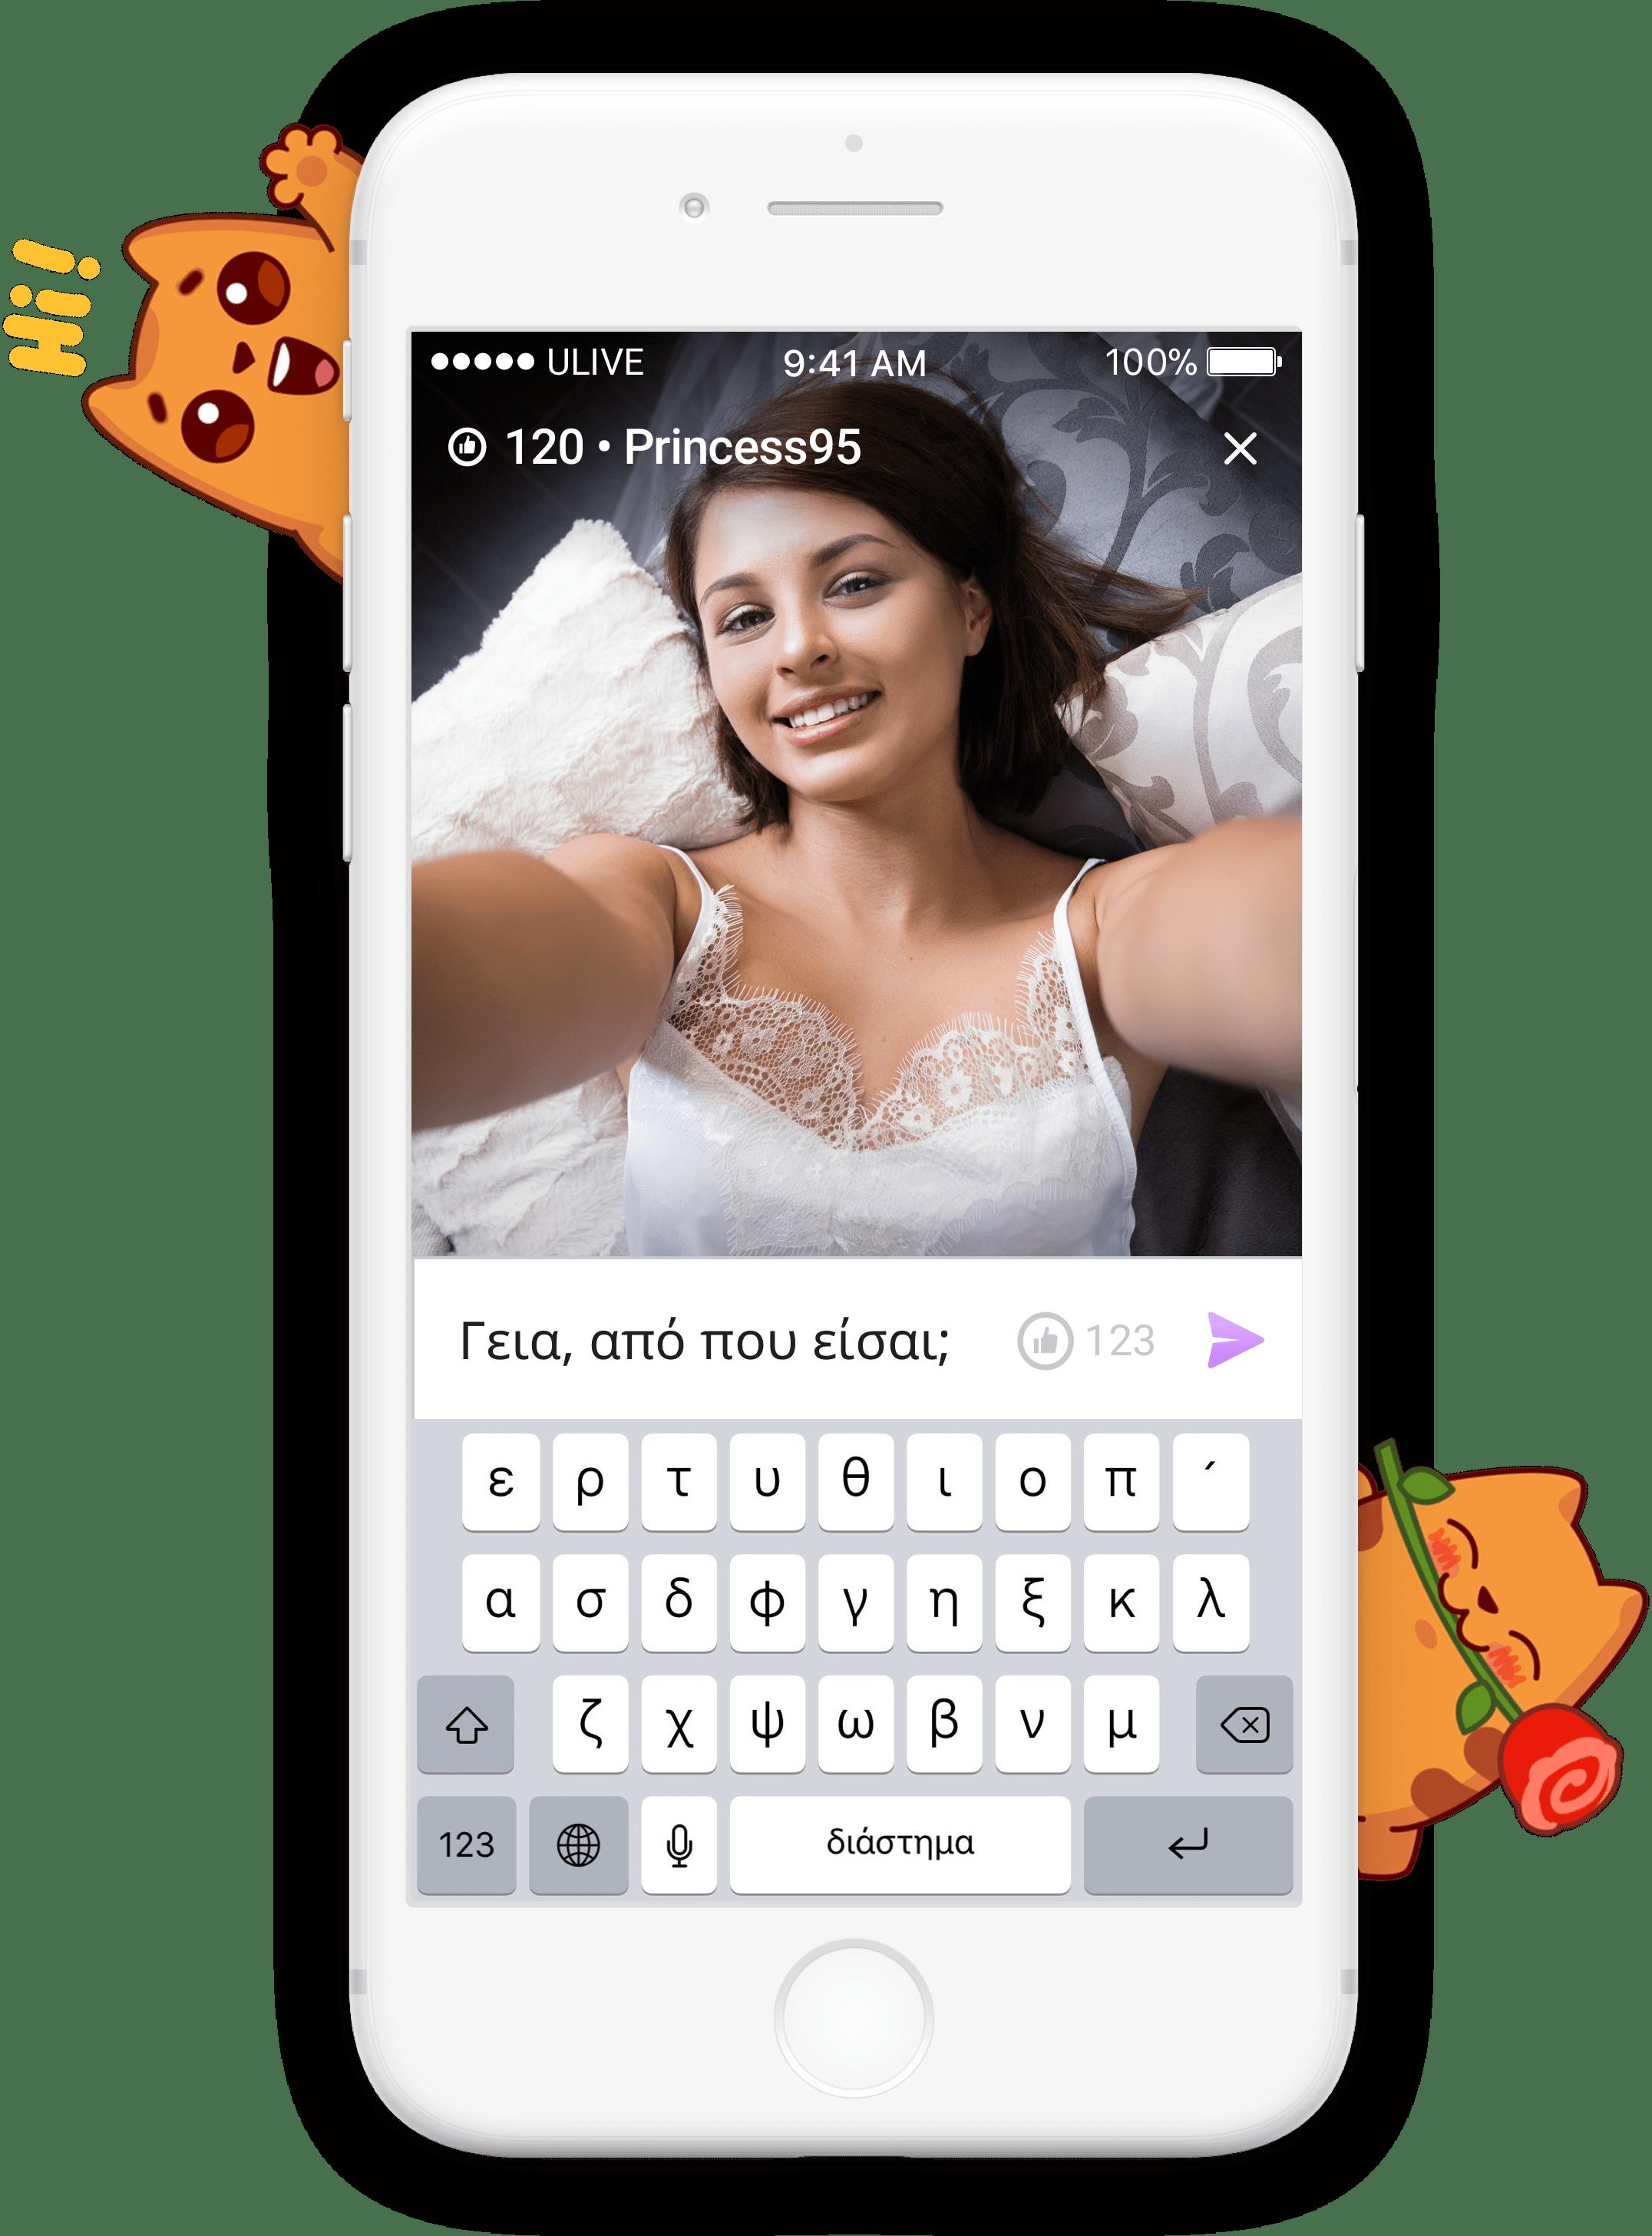 δωρεάν site γνωριμιών με chat